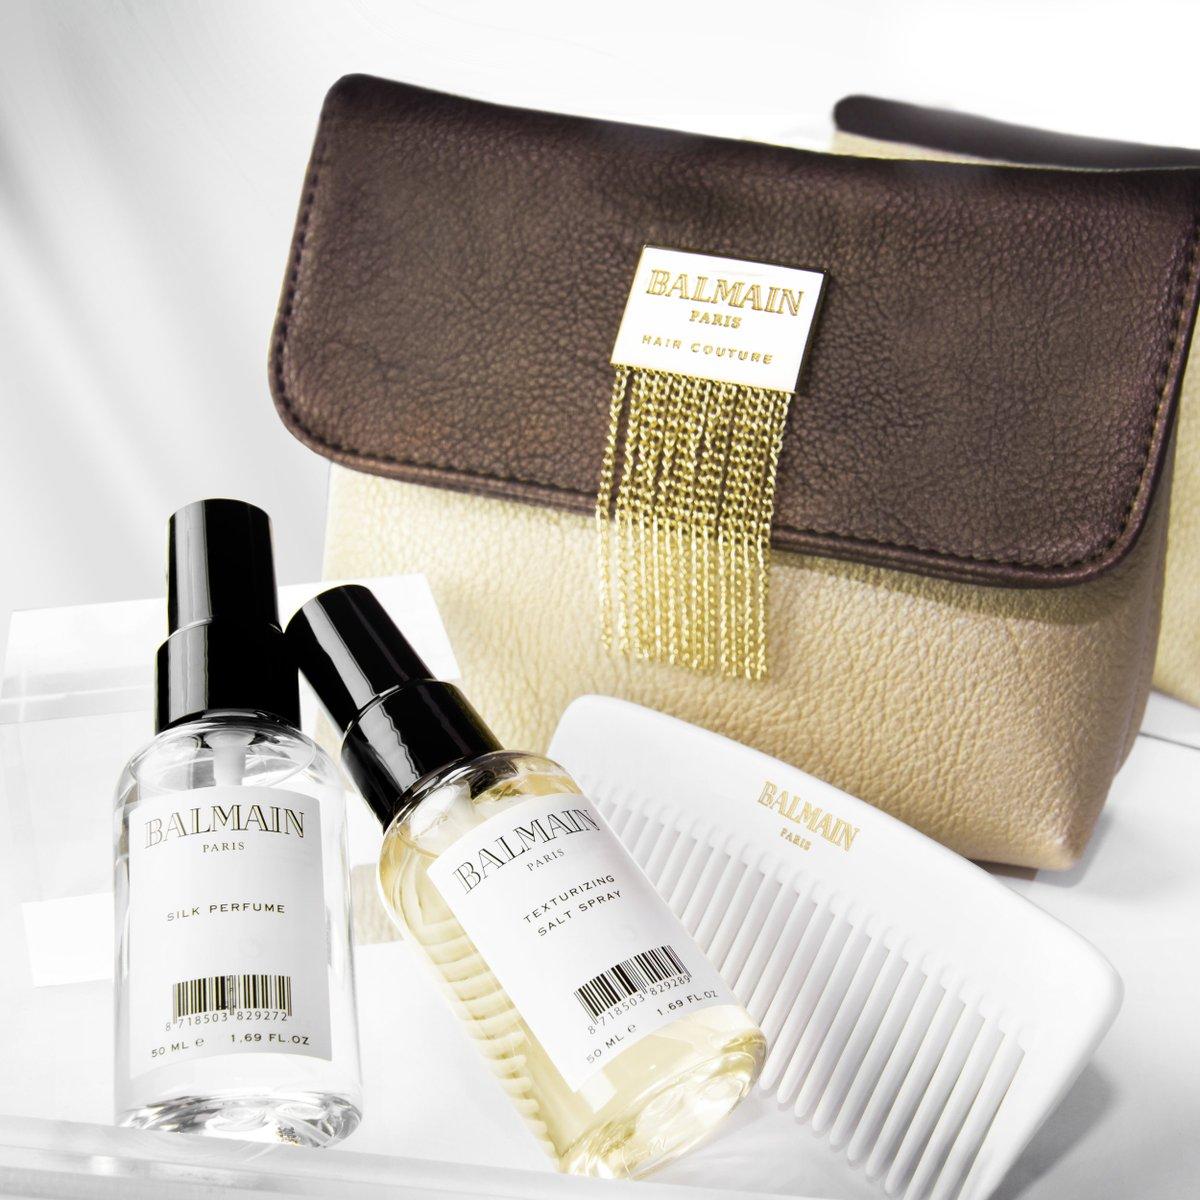 produkty do stylizacji włosów balmain